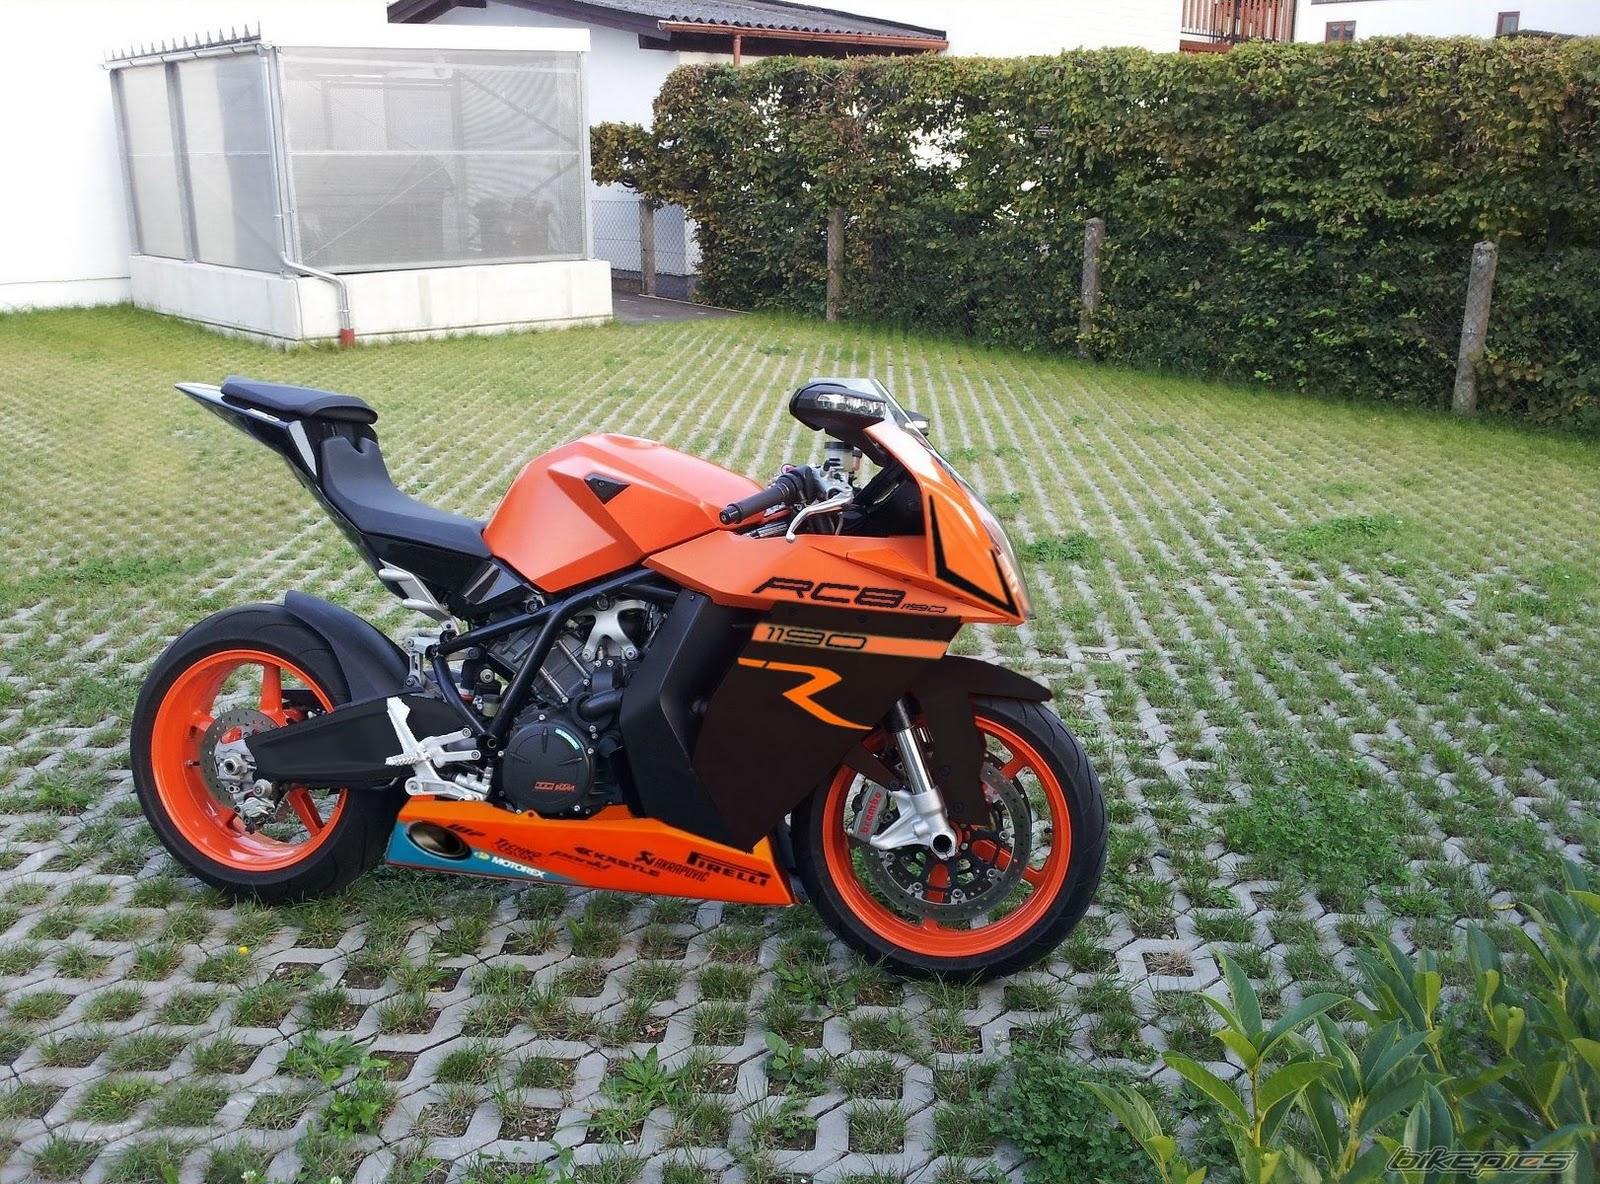 http://4.bp.blogspot.com/-dI8sB90U6qE/TwK2V5QJzFI/AAAAAAAAE7Y/6Q0UjXobILM/s1600/KTM+RC8+2012-03.jpg